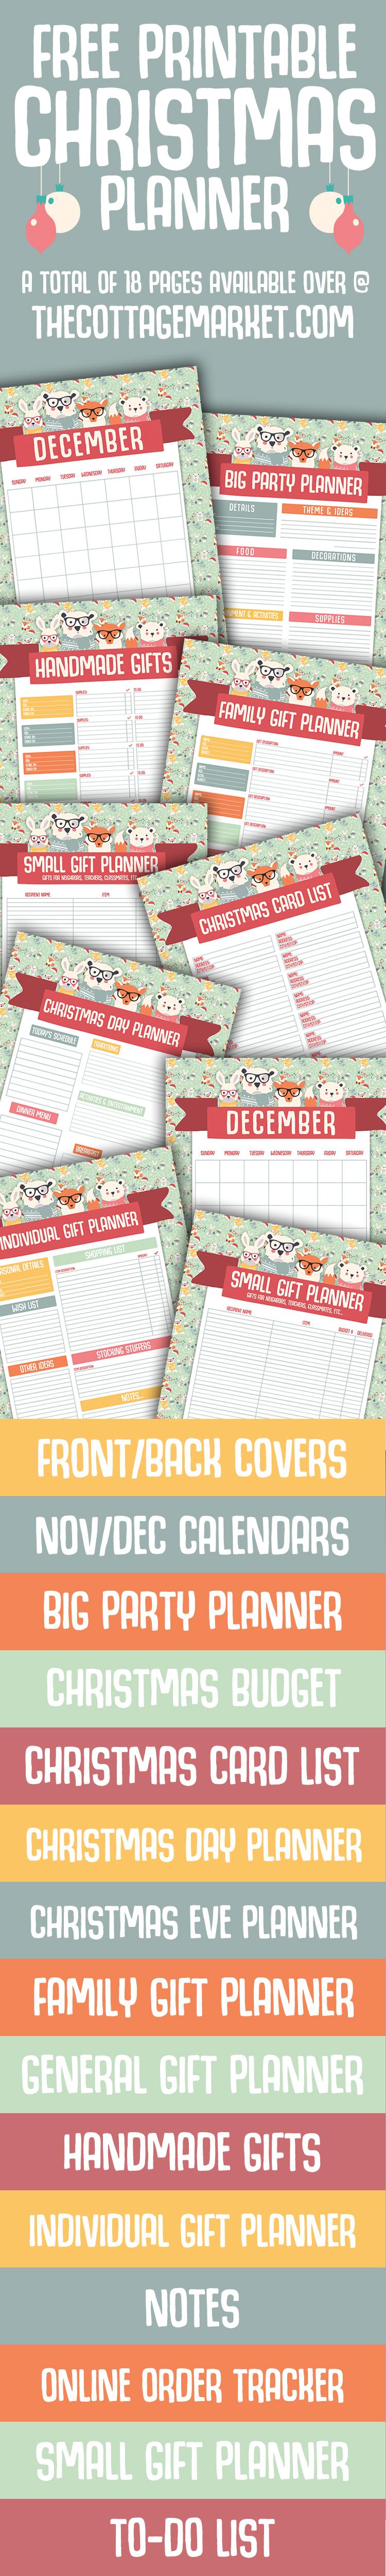 Free Christmas Planner | Printable Christmas Planner